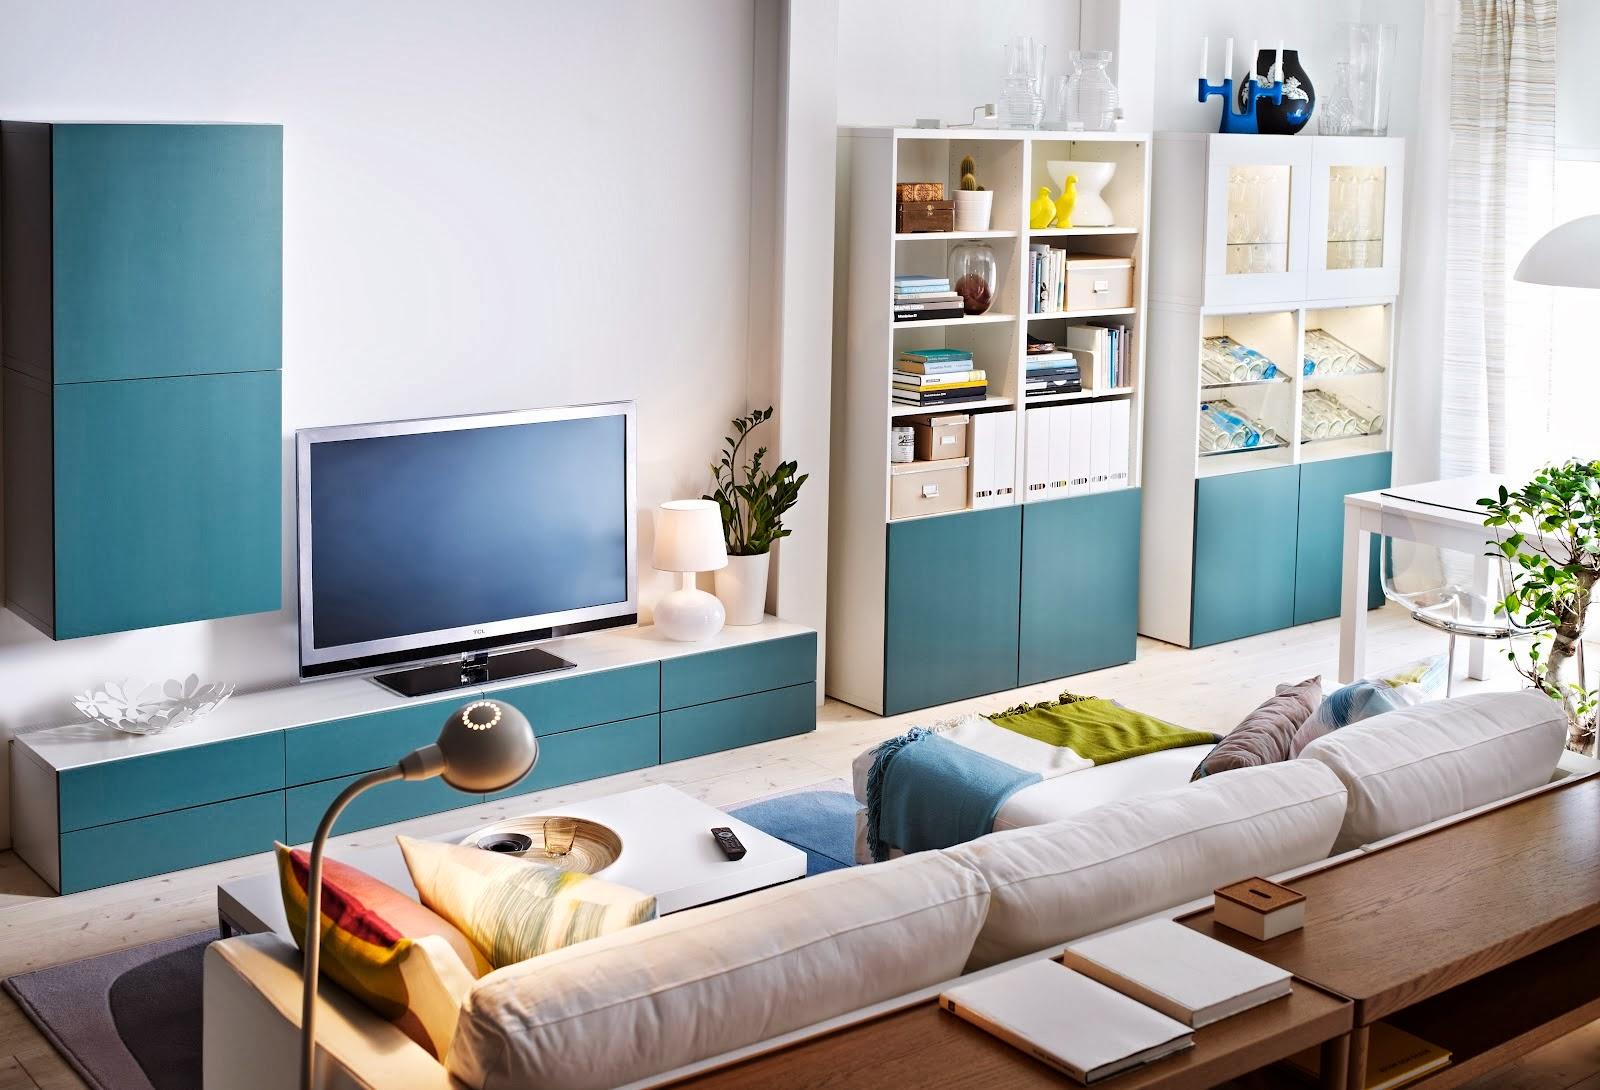 Hogar 10 decorar una casa con muebles de ikea - Casas decoradas con muebles de ikea ...